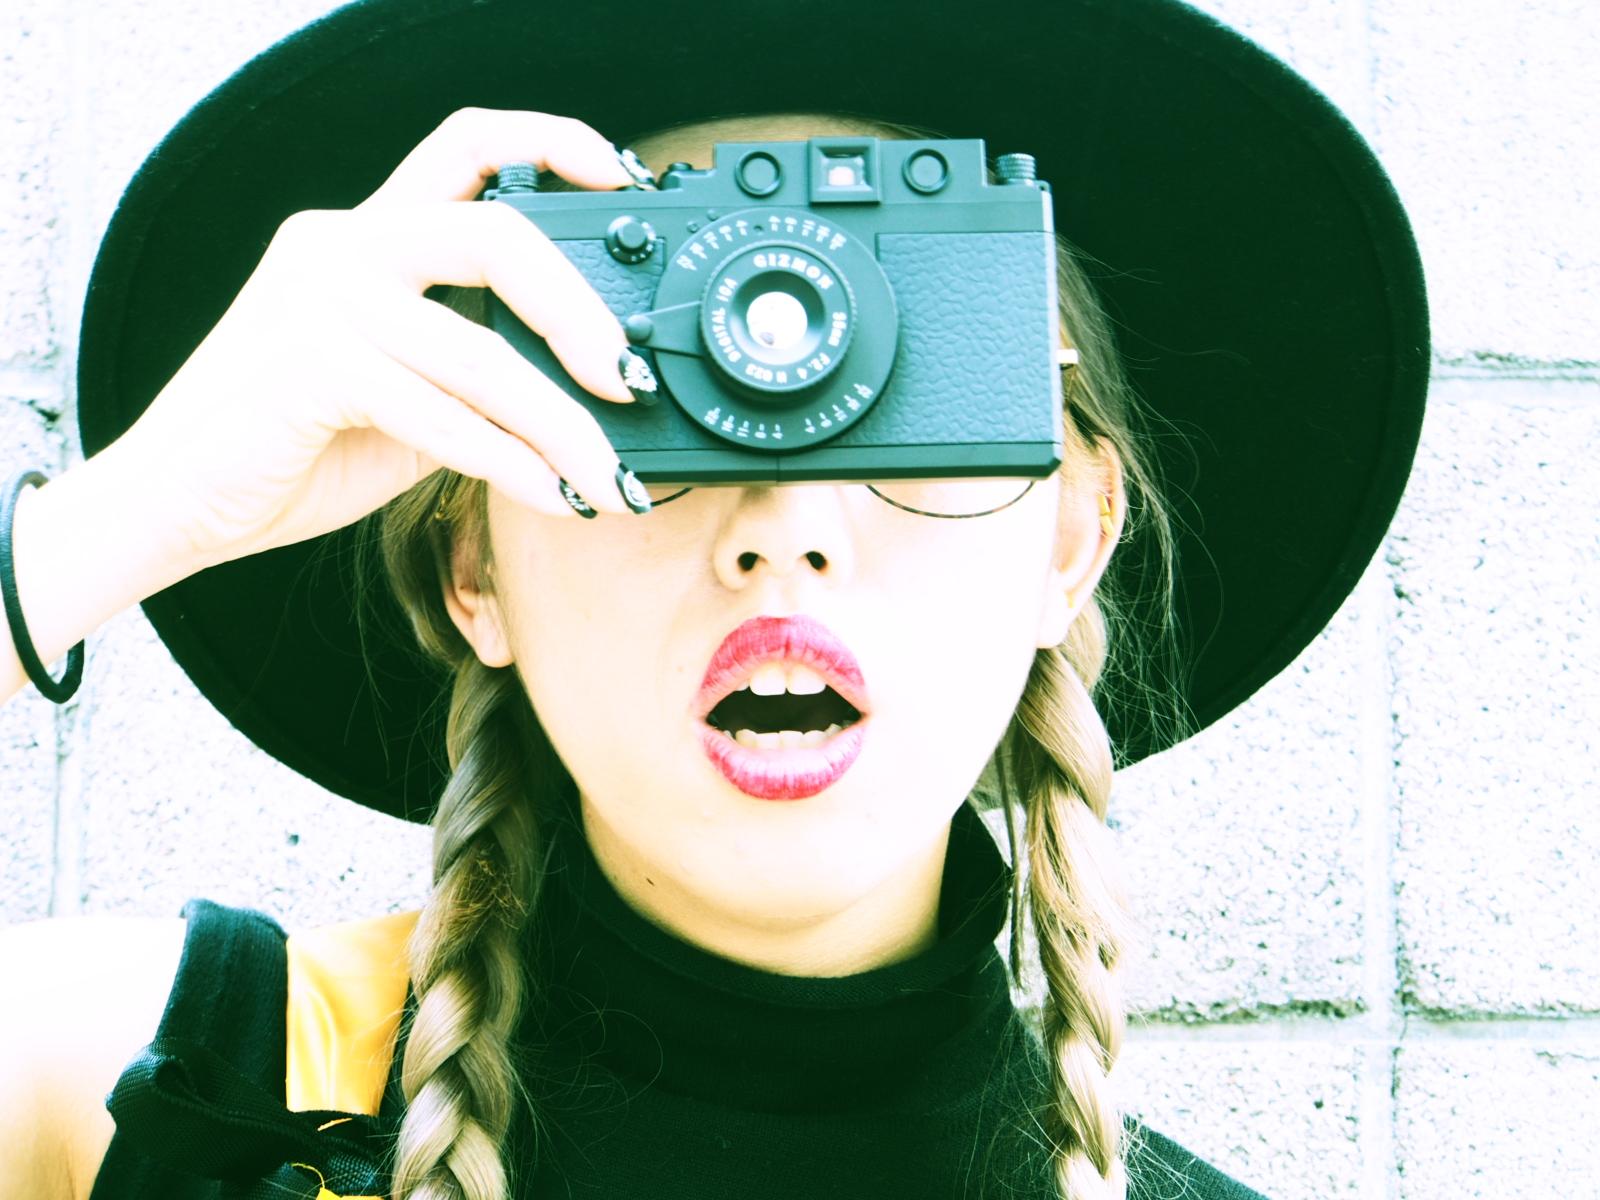 iPhoneをファッショナブルに!クラシックカメラにカスタマイズ!